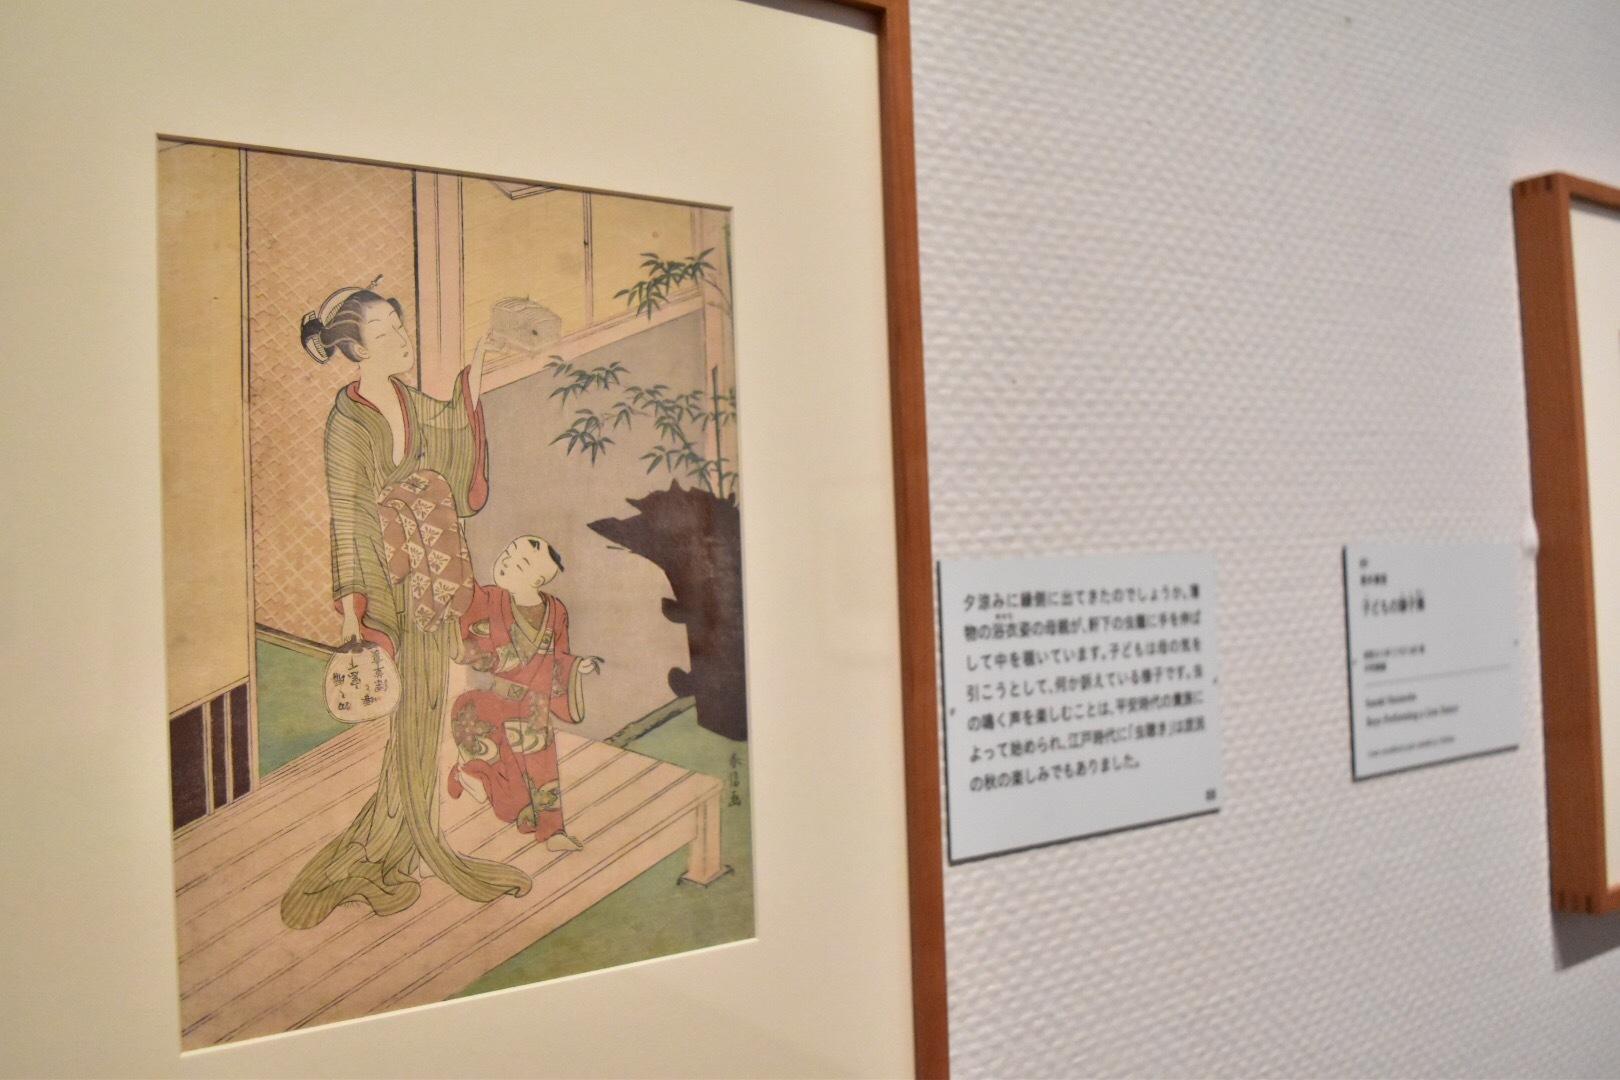 鈴木春信 《虫籠を持つ母と子》 明和4-5年(1767-68)頃 中判錦絵